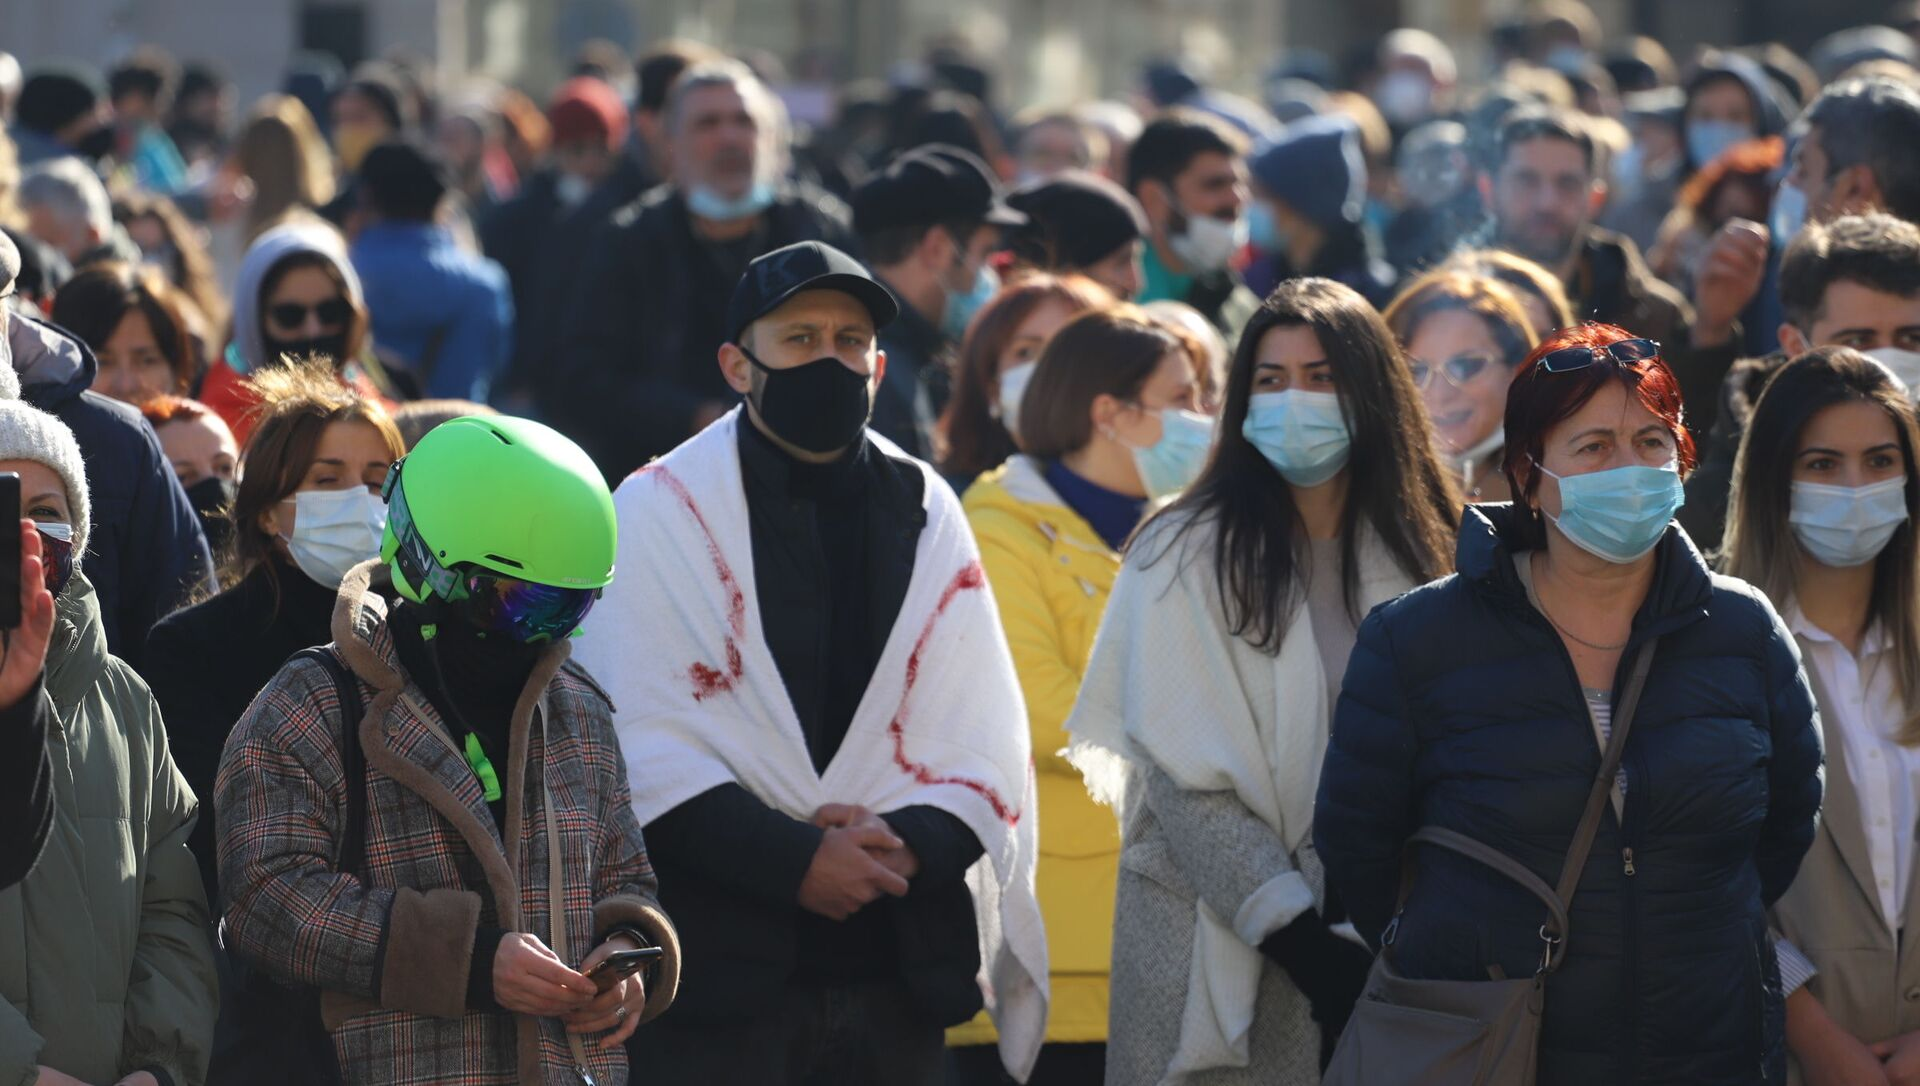 Акция протеста против ограничений из-за коронавируса у правительственной канцелярии 24 января 2021 года - Sputnik Грузия, 1920, 16.02.2021